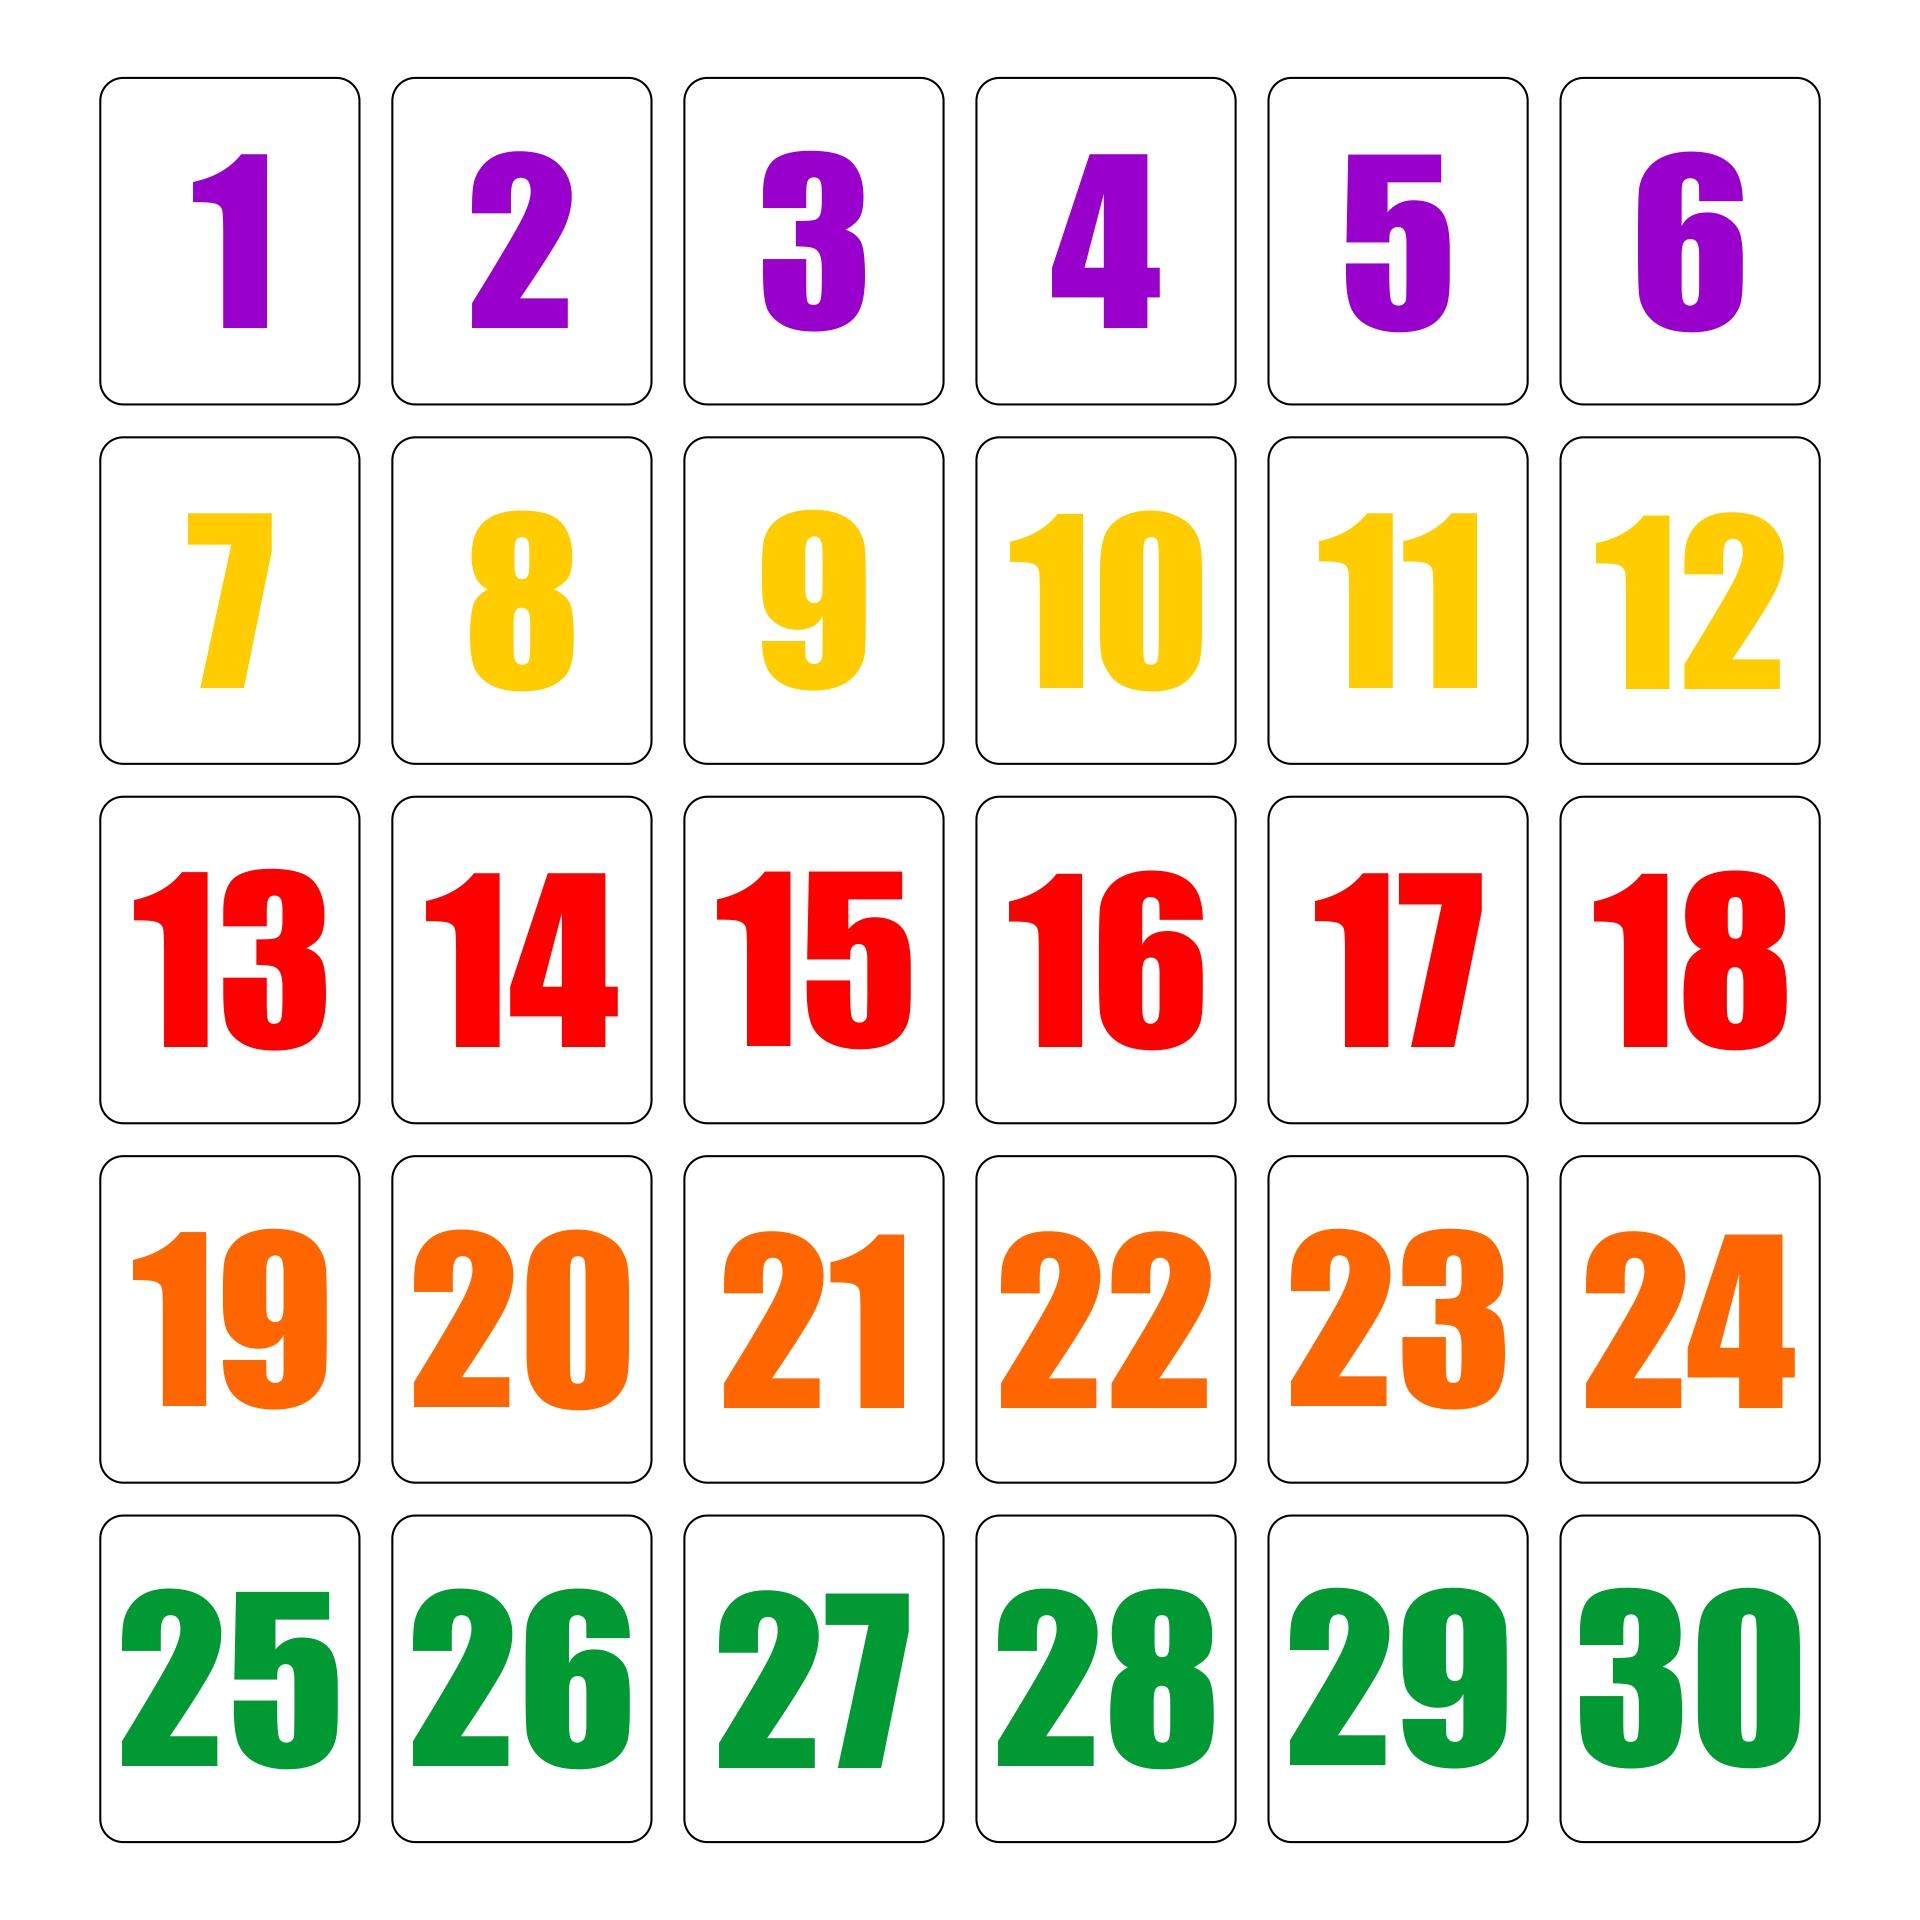 Worksheet Numbers Printable printable numbers 1 30 scalien